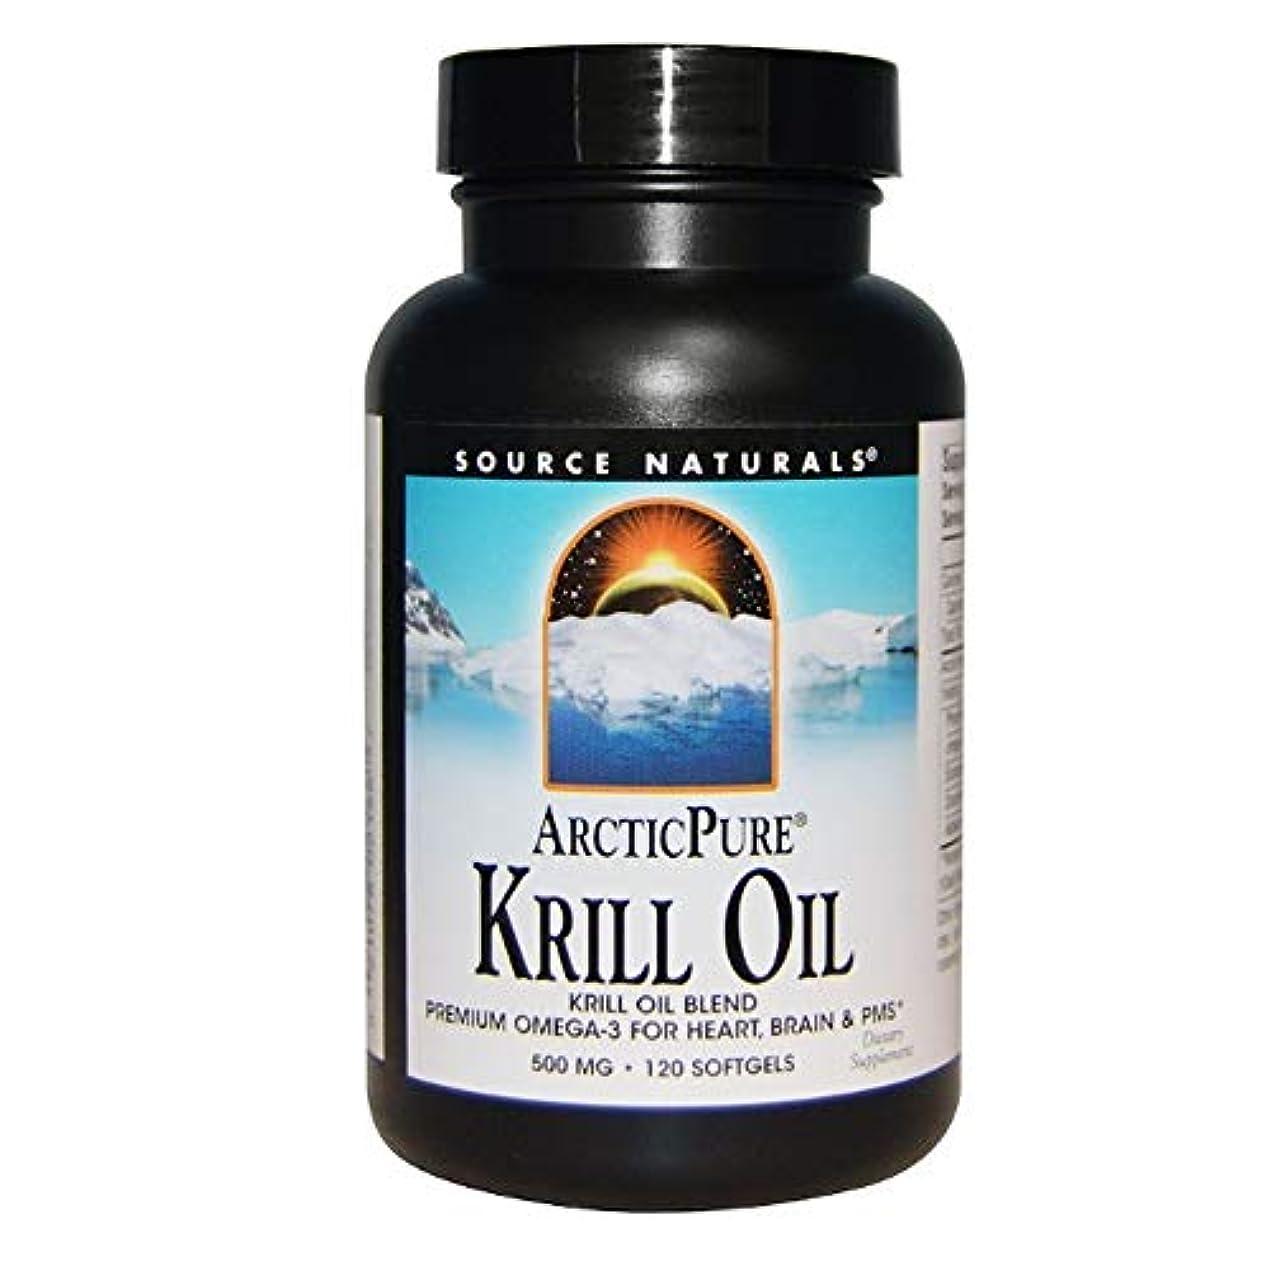 孤独屈辱するタンカーSource Naturals ArcticPure クリルオイル 500 mg 120ソフトカプセル 【アメリカ直送】